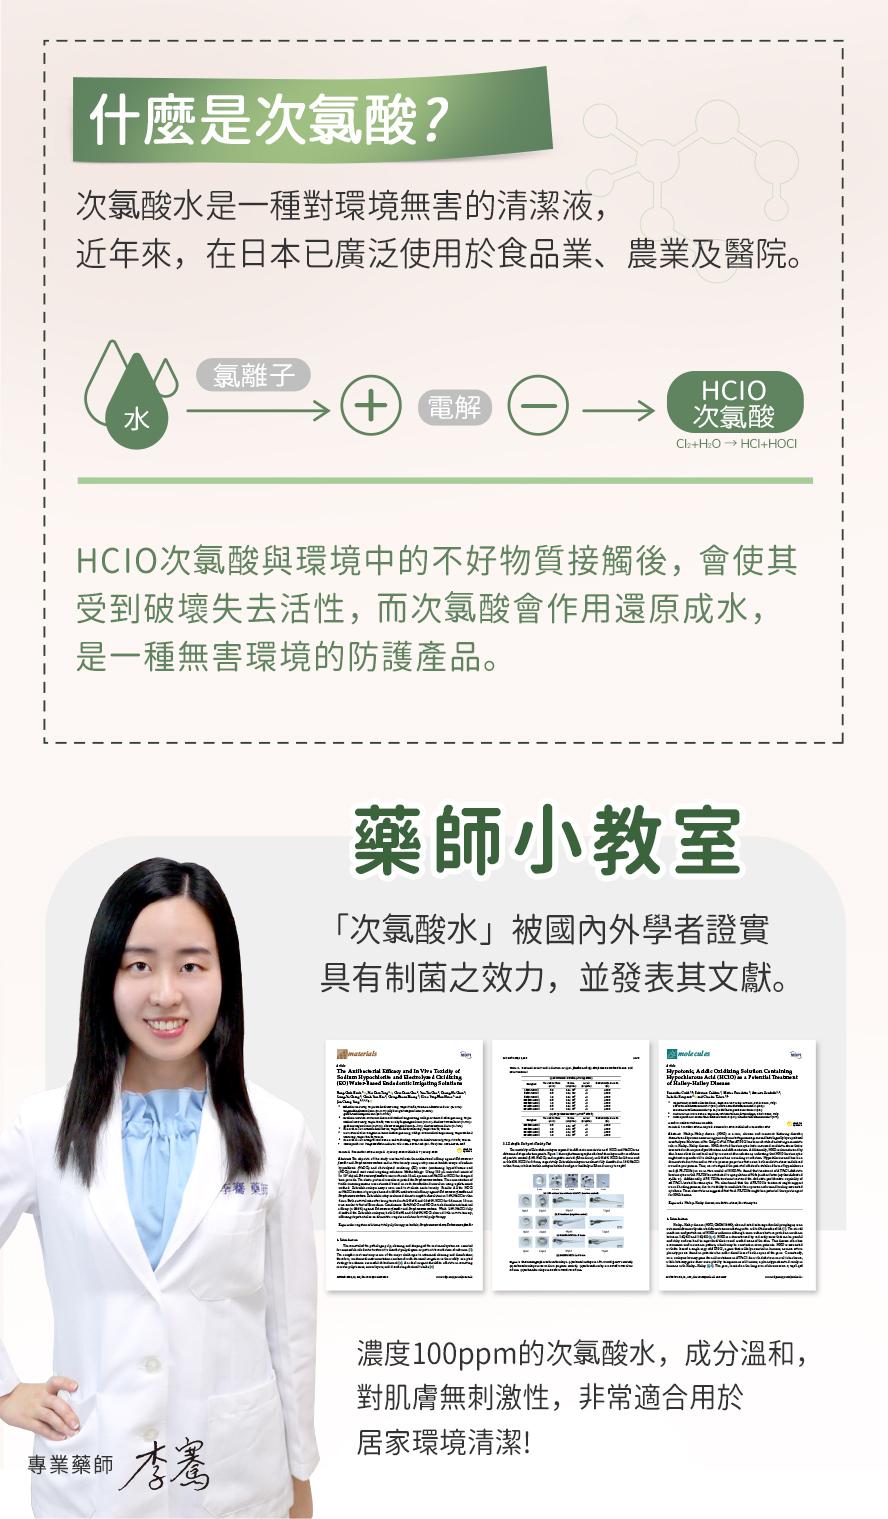 次氯酸是一種對環境無毒無害的清潔液,日本廣泛用在食品業、清潔業。